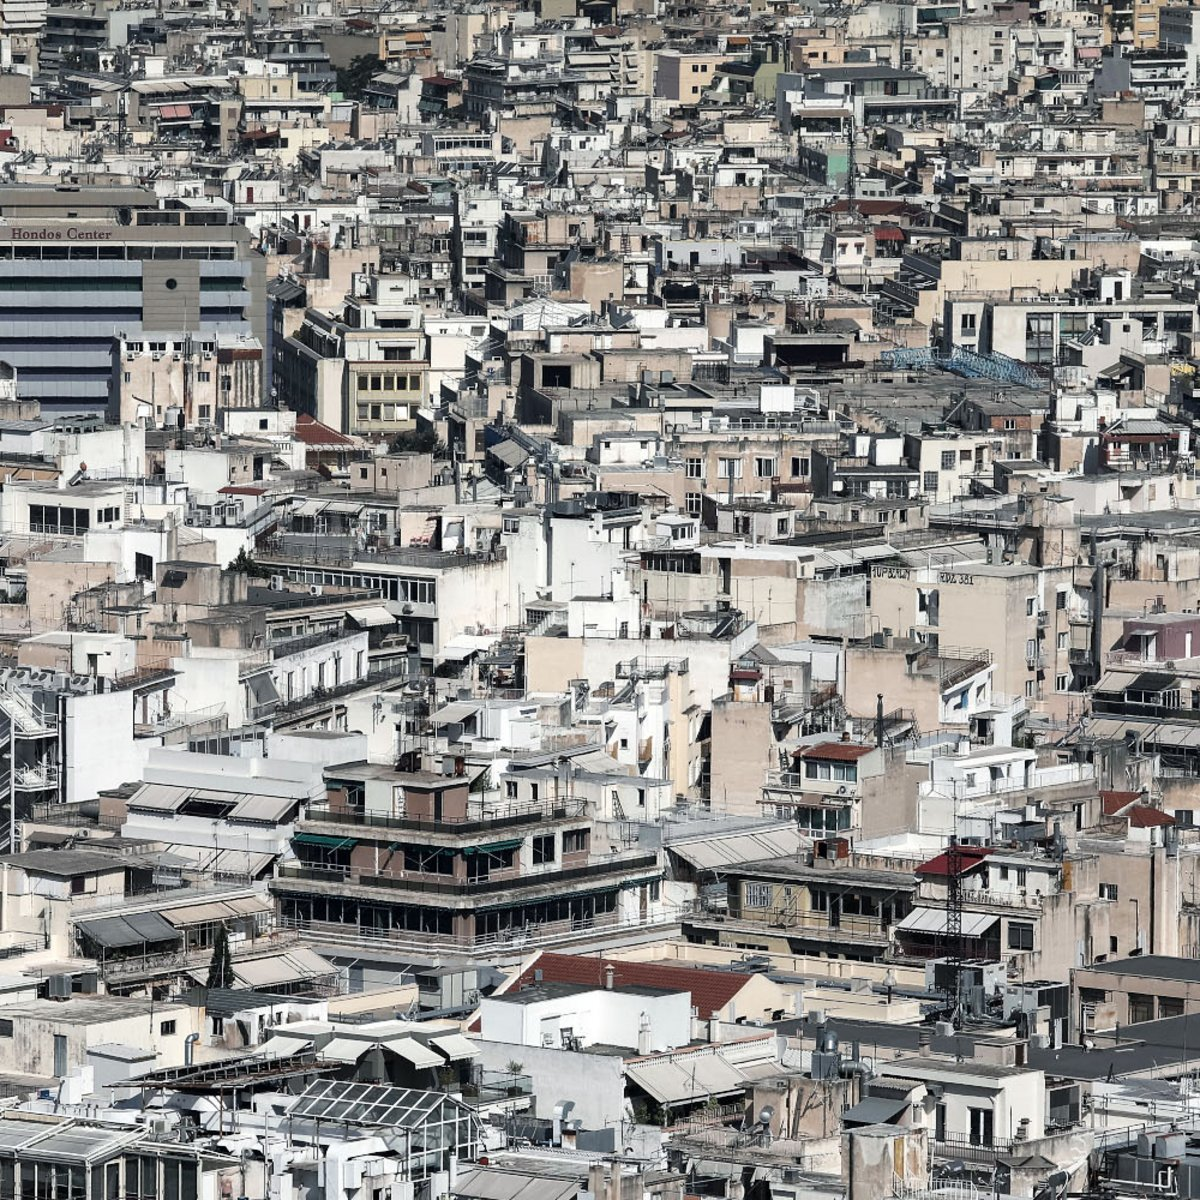 Ενοίκια: Οι Ελληνες δίνουν σχεδόν το μισό τους εισόδημα για στέγαση -Τι δείχνουν τα στοιχεία [πίνακας] | ΕΛΛΑΔΑ | iefimerida.gr